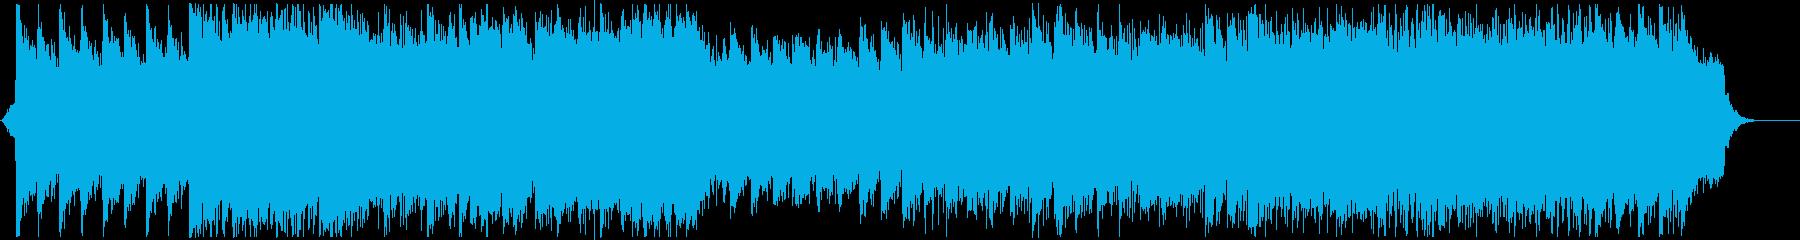 ミドルテンポの優しいポップな楽曲の再生済みの波形